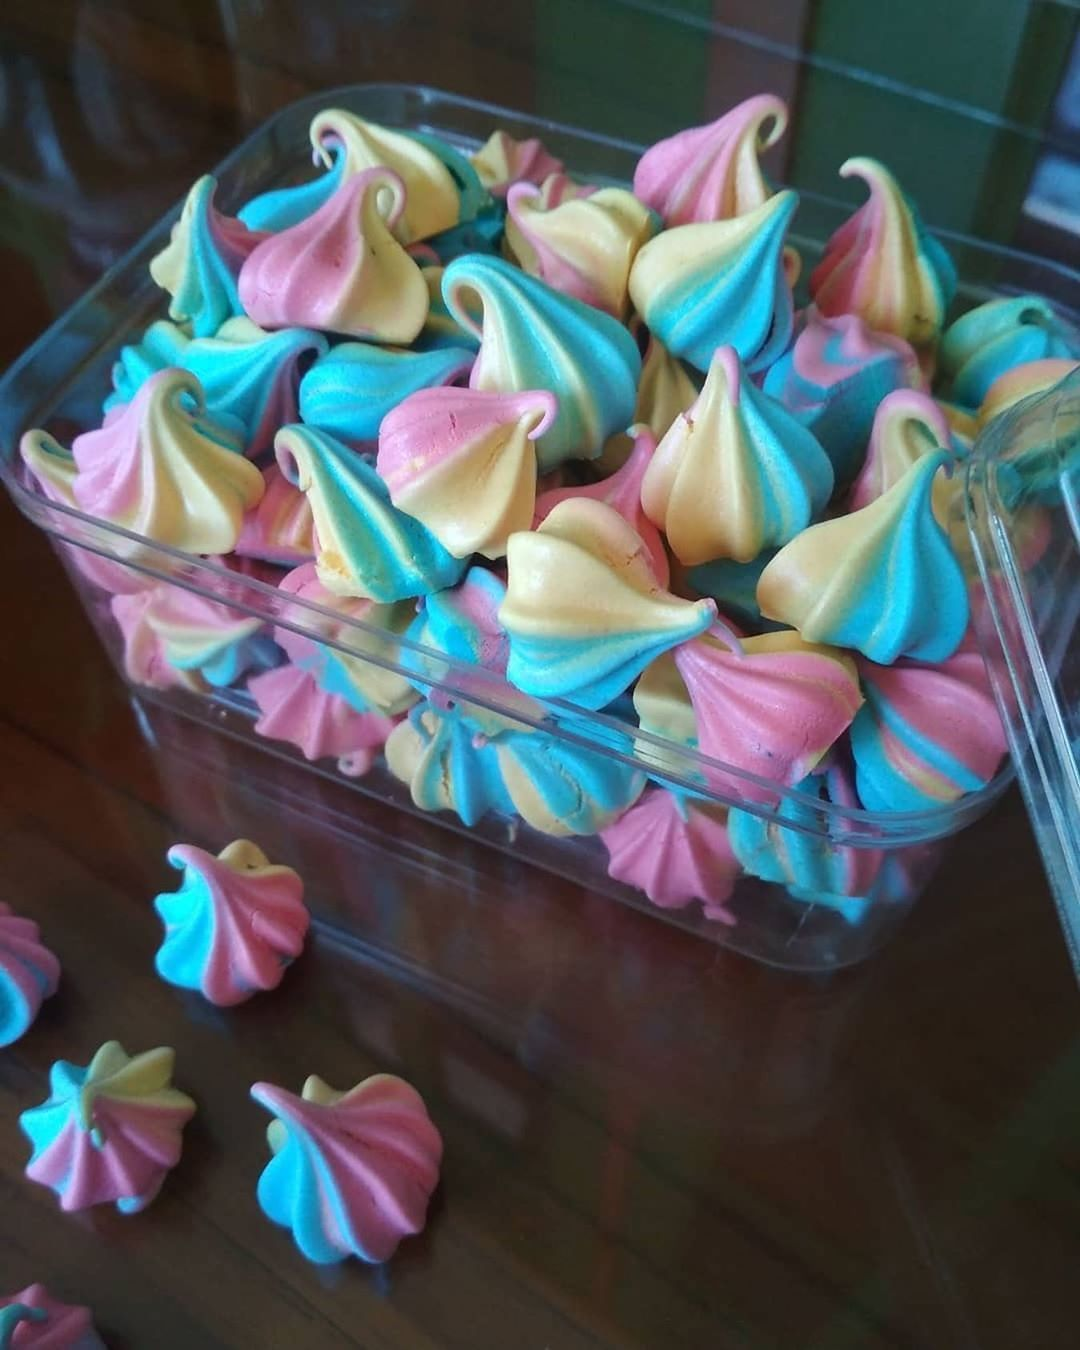 Jangan Lupa Tap Love Dulu Yah Meringue Cookies By Bikinanbunda Masih Bebikin Ginian Lagi Ngabisin Stok Putih T Resep Biskuit Fudgy Brownies Kue